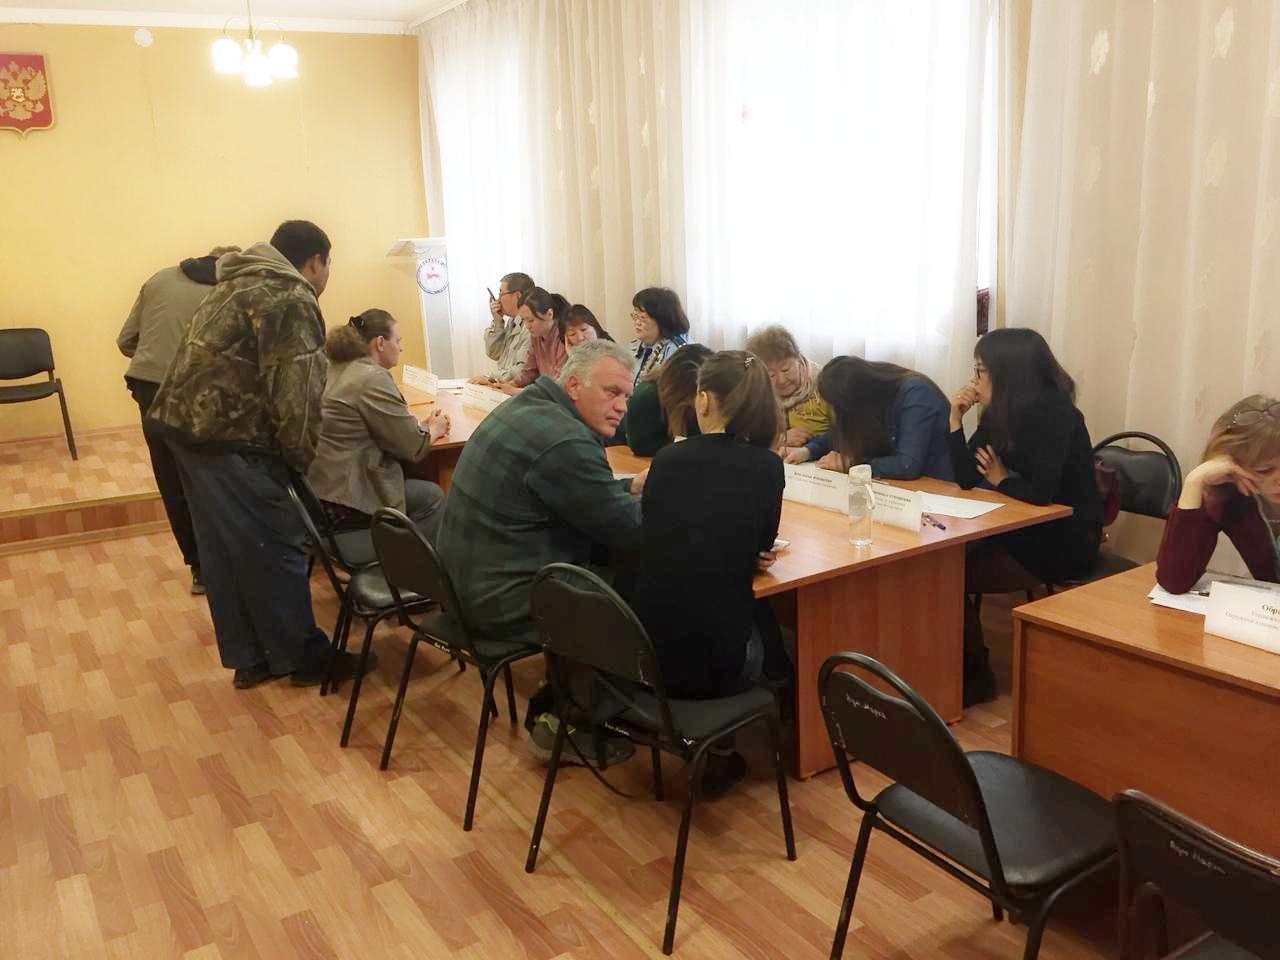 Жители Мархи получили бесплатную юридическую помощь